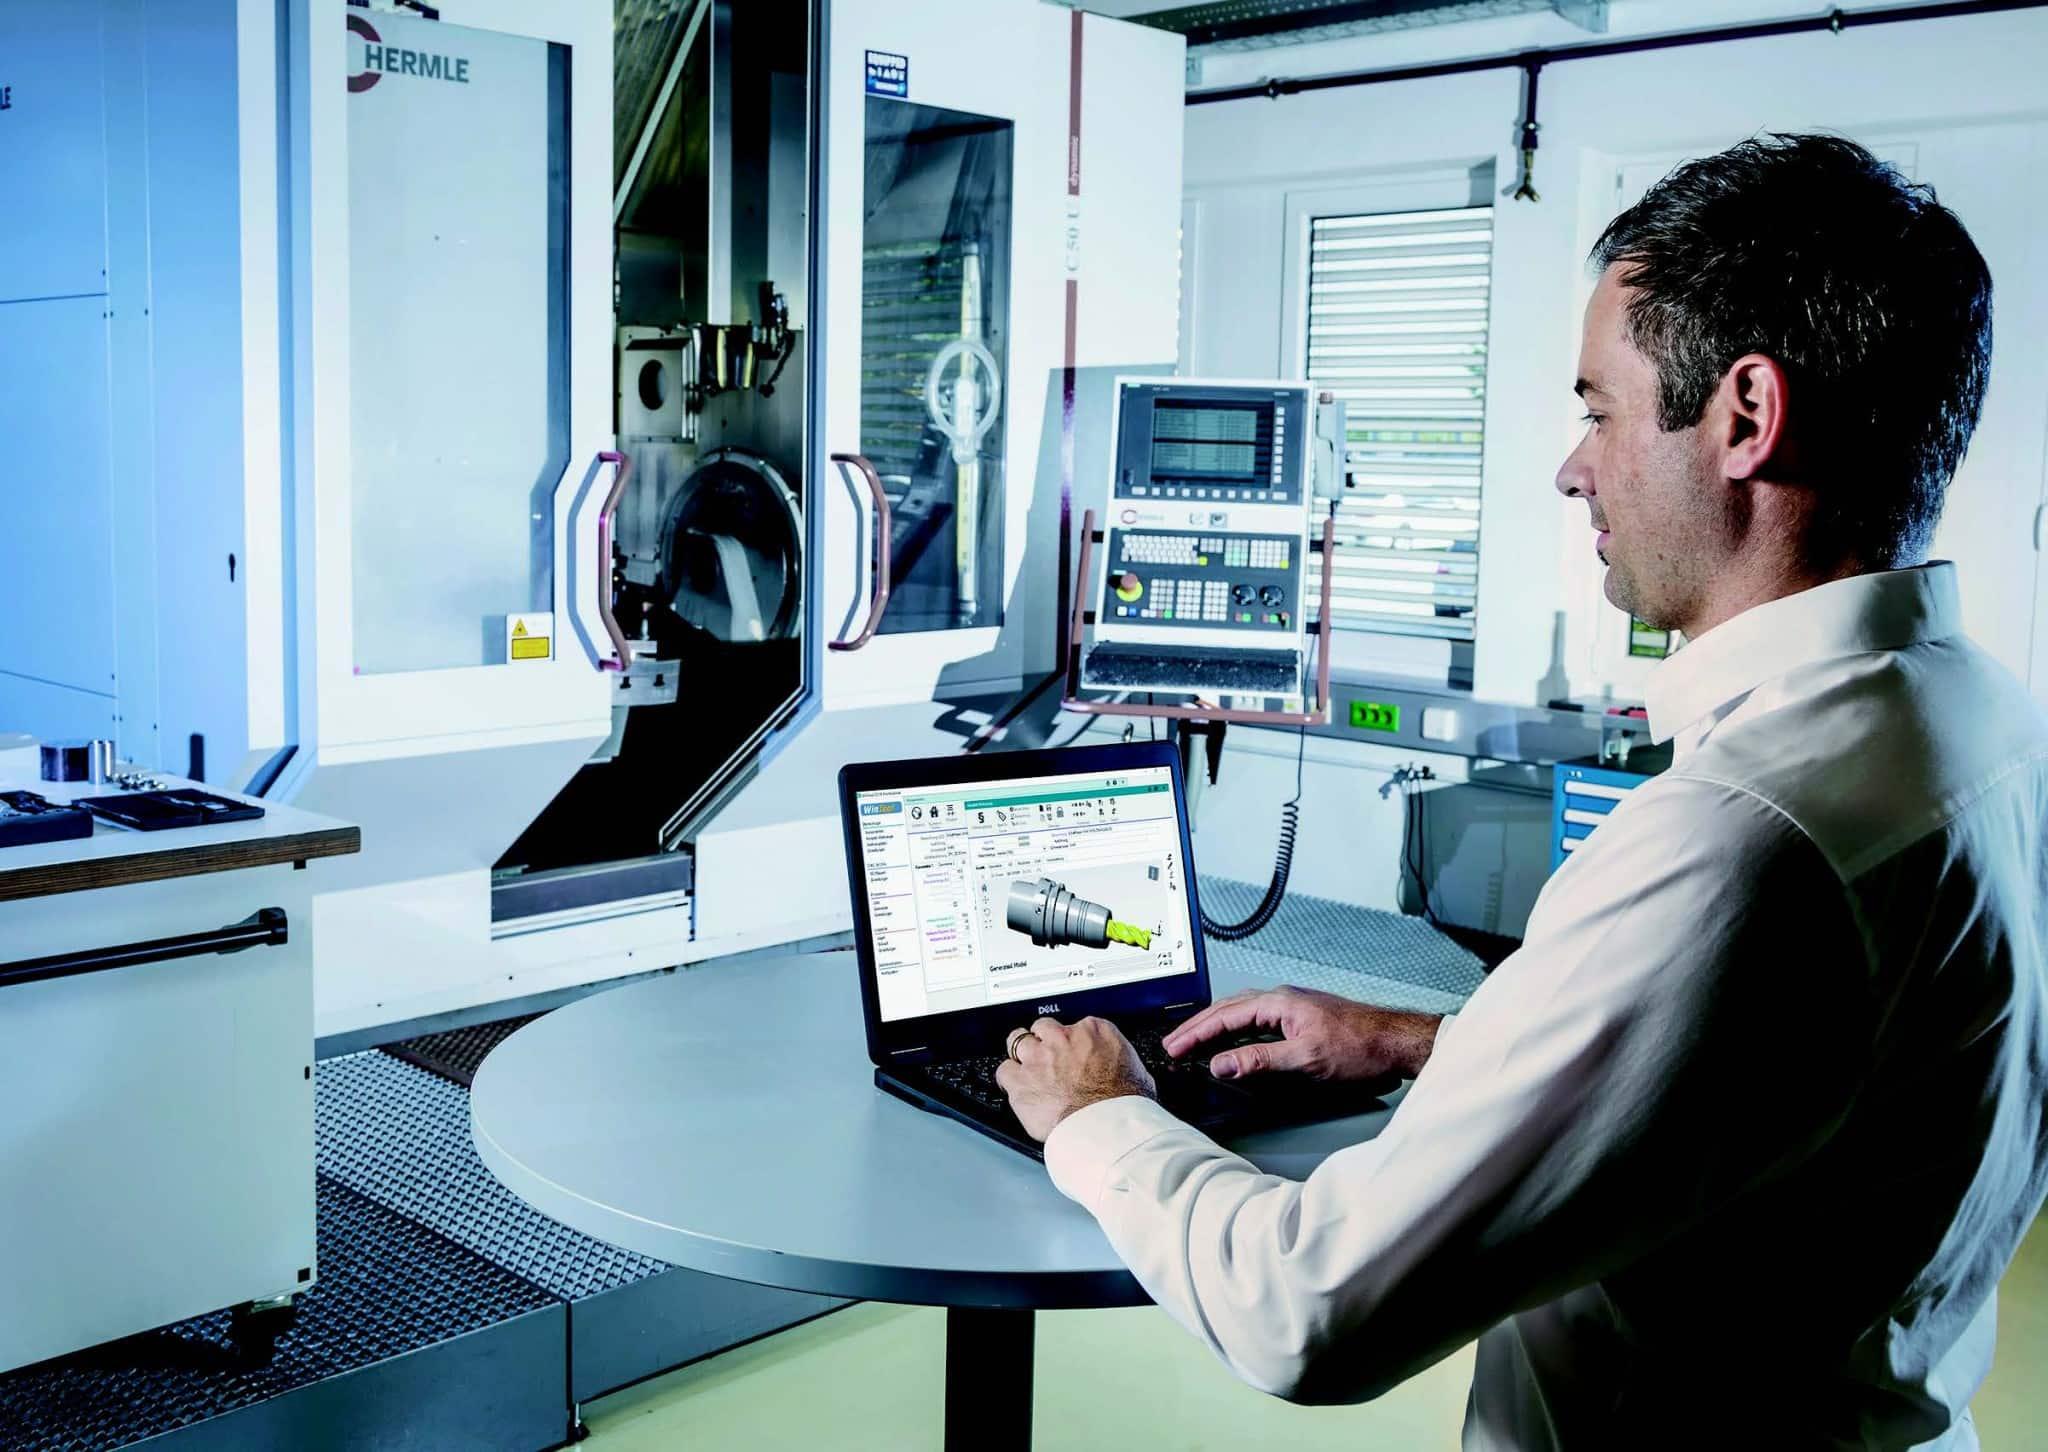 Mann vor Maschine mit Laptop und der Werkzeugverwaltunssoftware WINTool